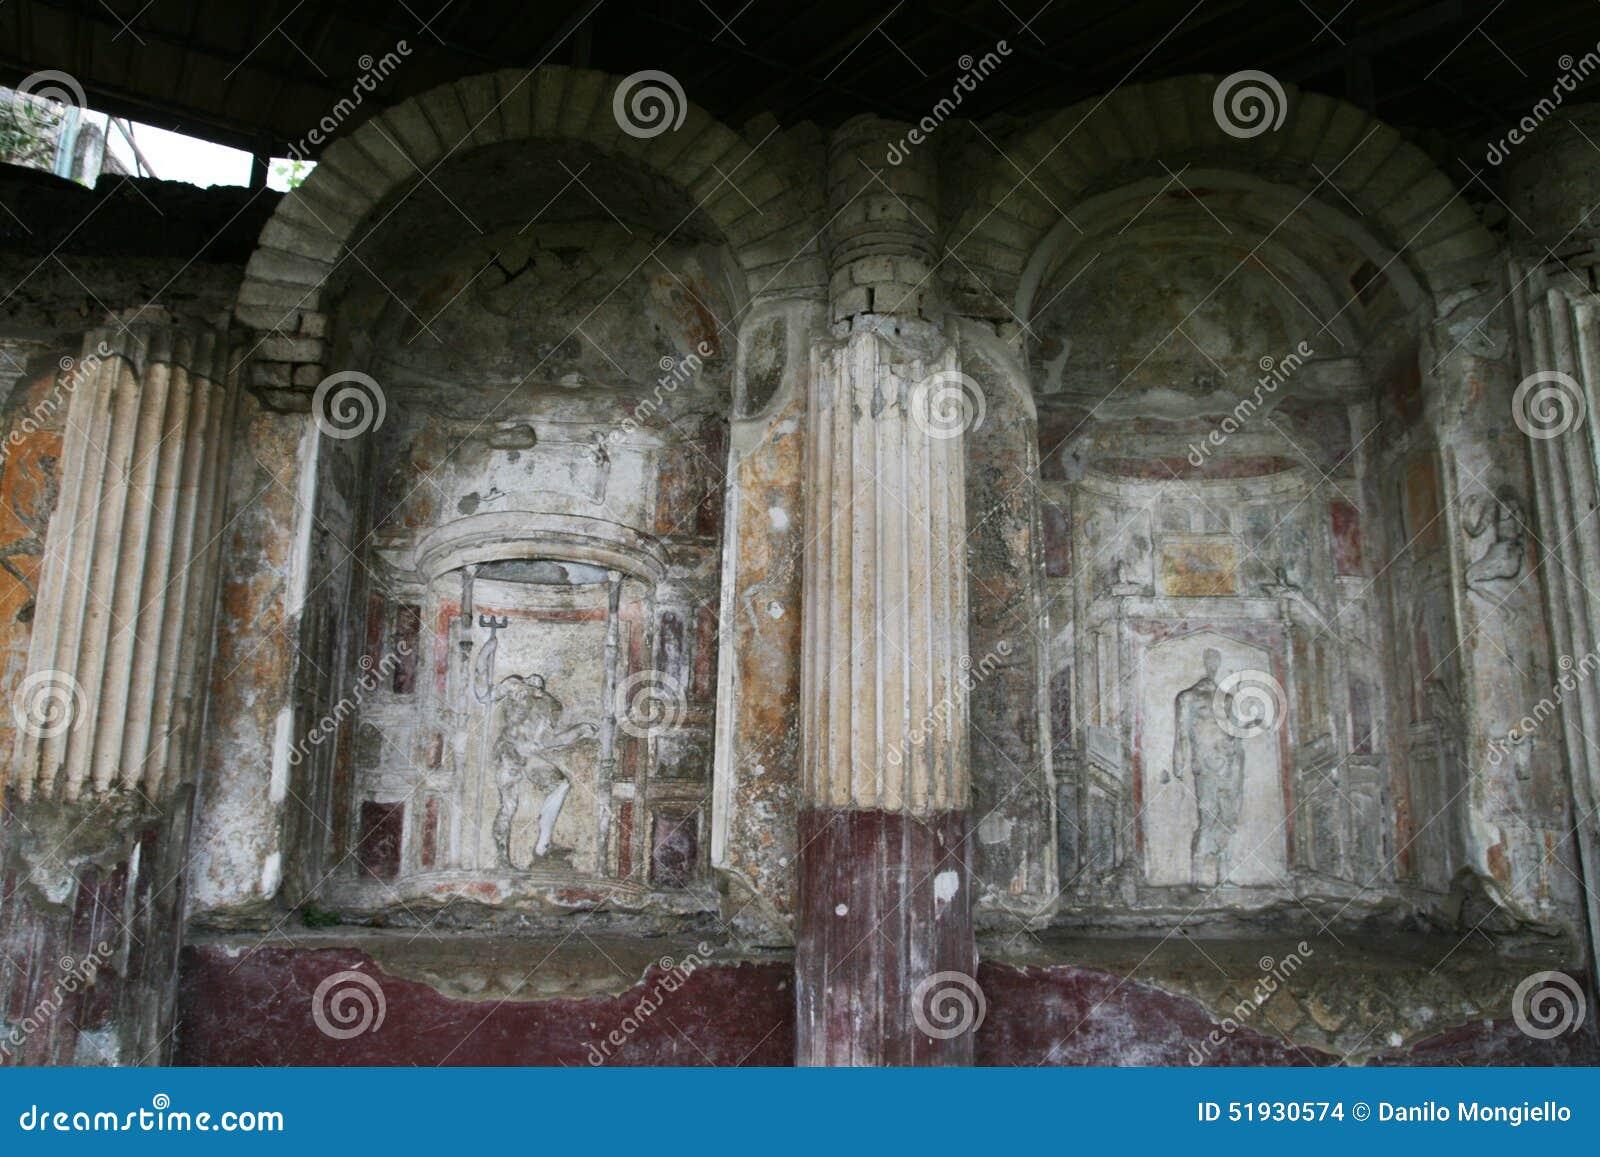 Decoration De Platre Photo Stock Image Du Inside Platre 51930574